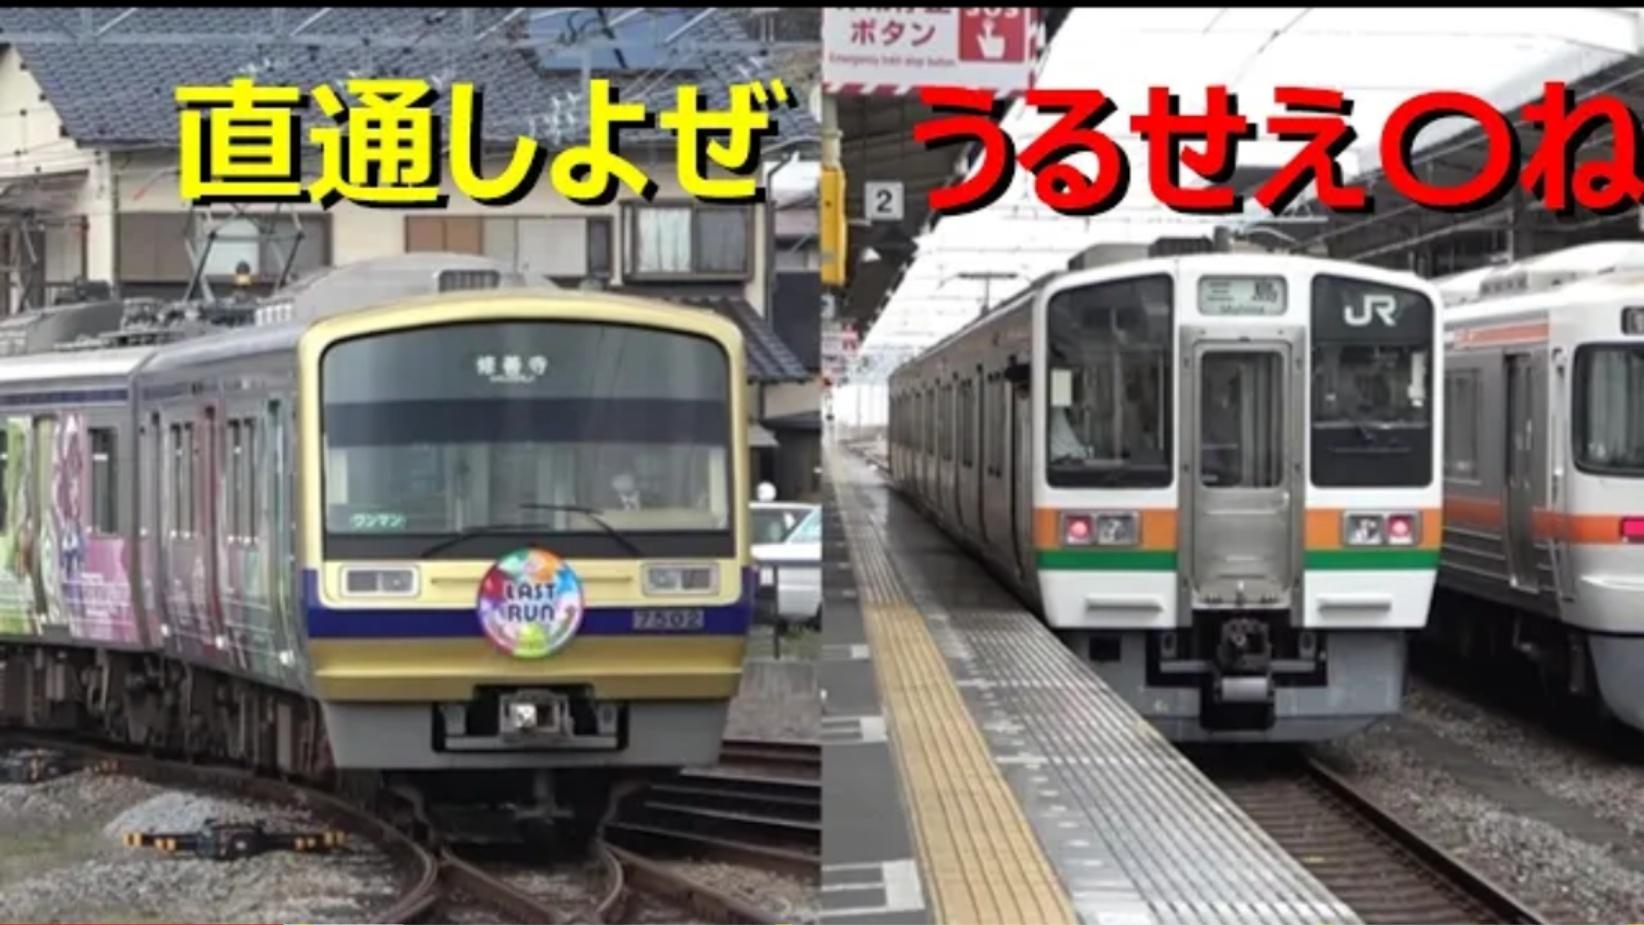 伊豆箱根鉄道7000系 知れば知るほど悲しくなる JR直通用に製造されるも乗り入れ拒否で製造打ち切り